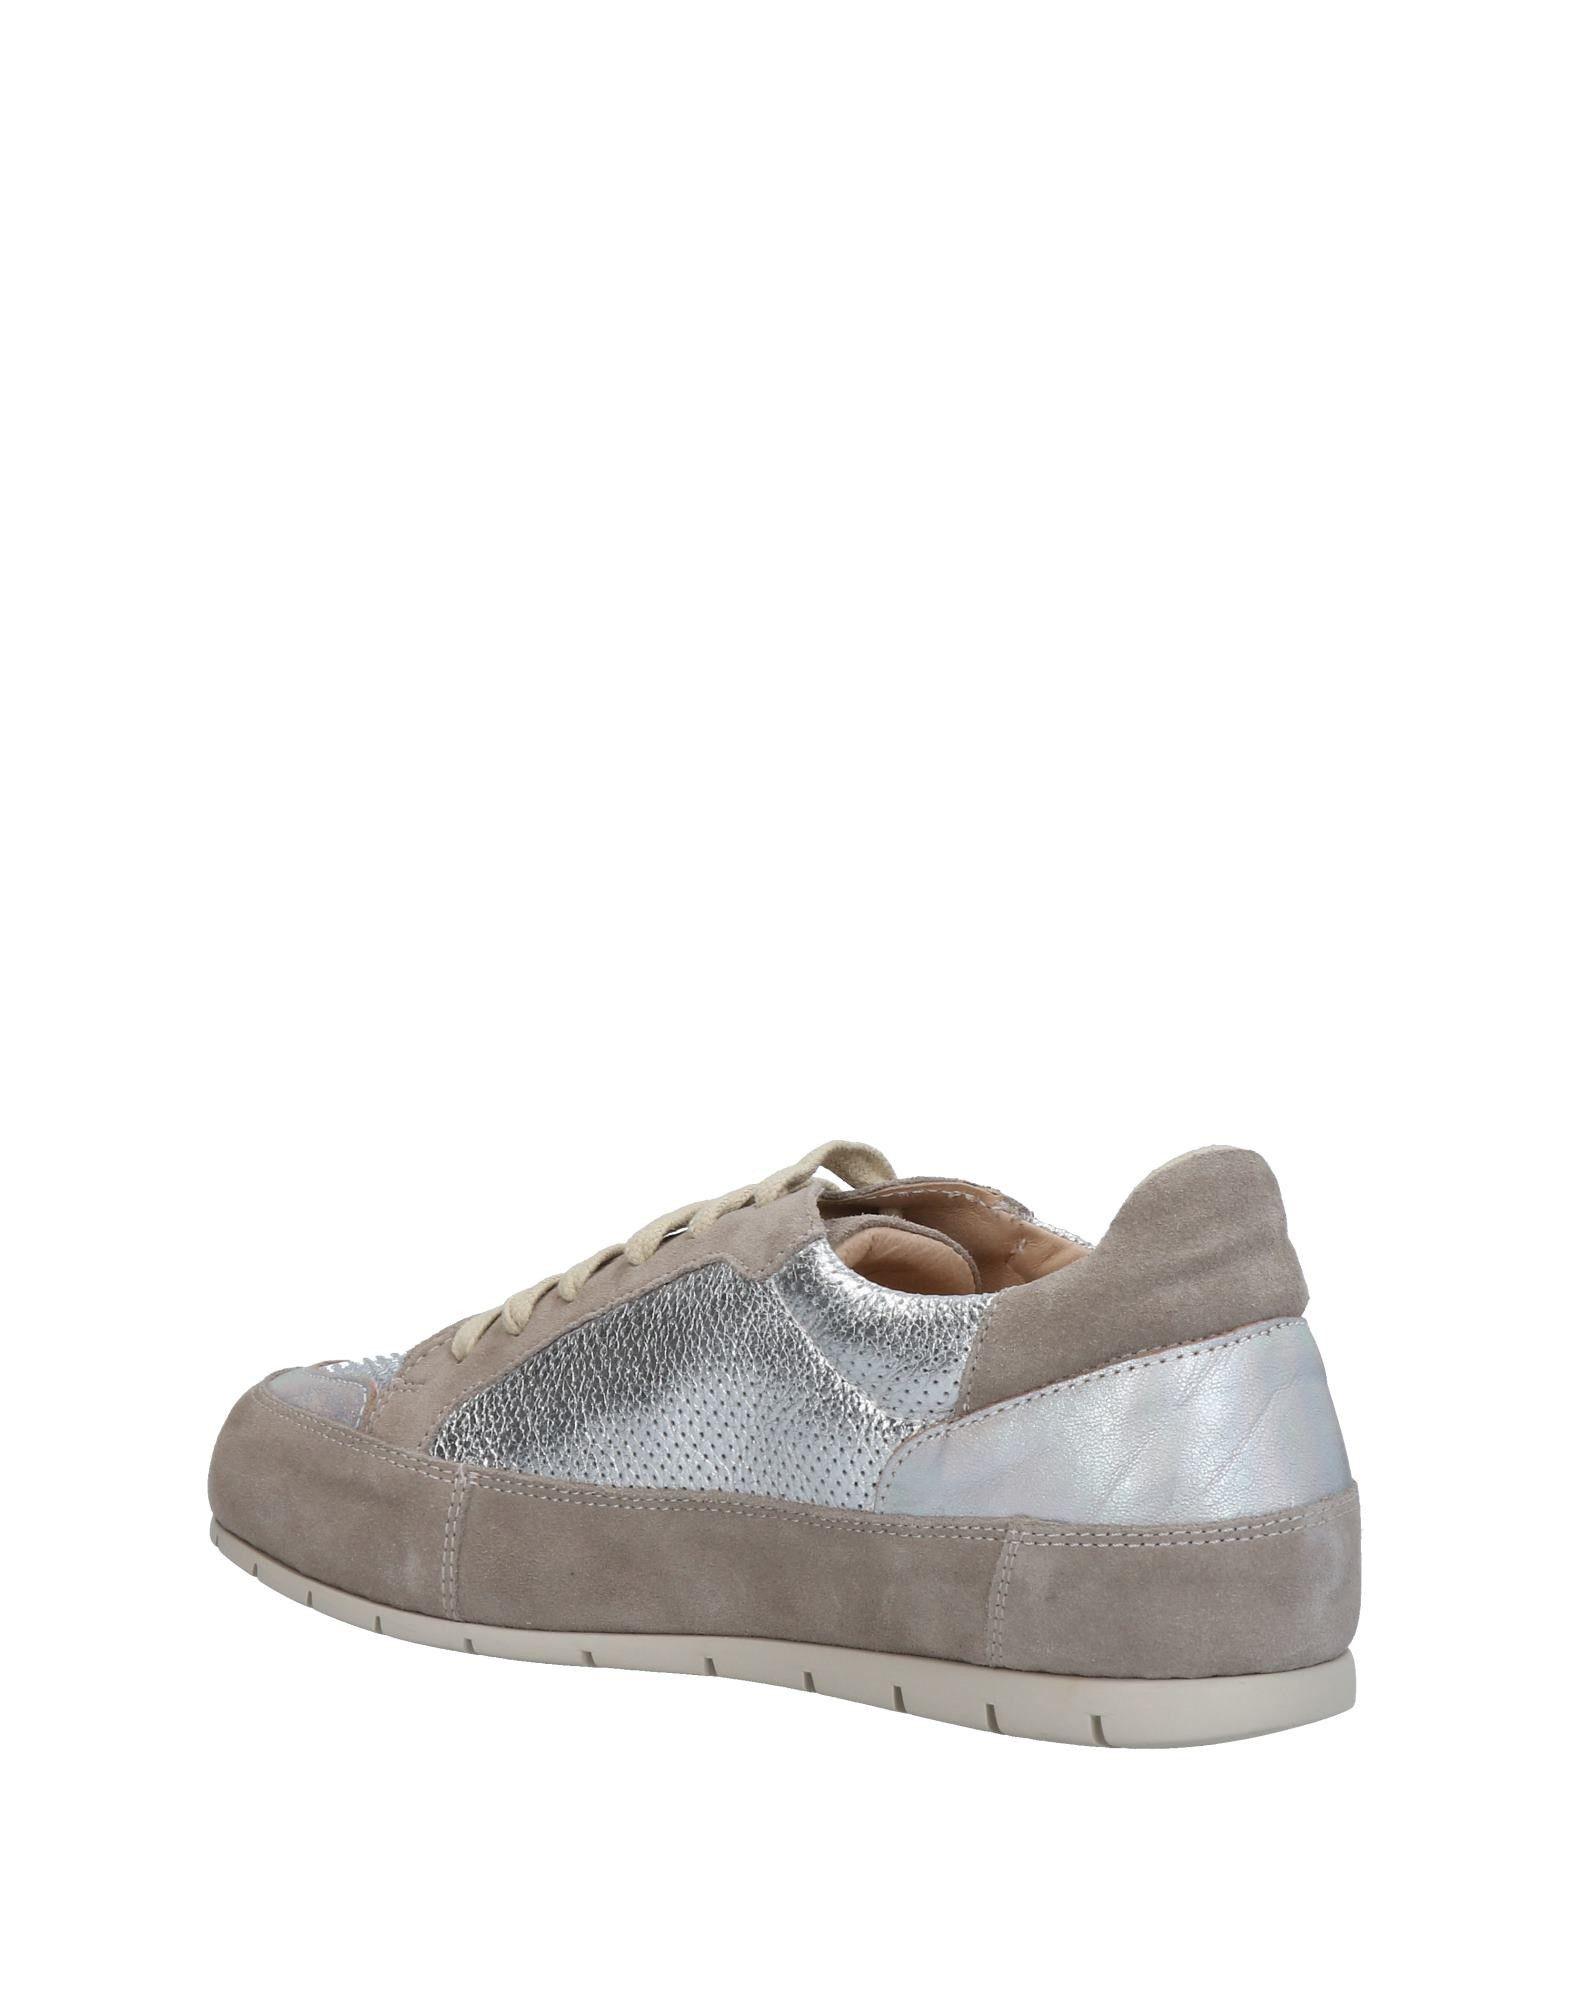 Manas Sneakers  Damen  Sneakers 11424400NN fdf378